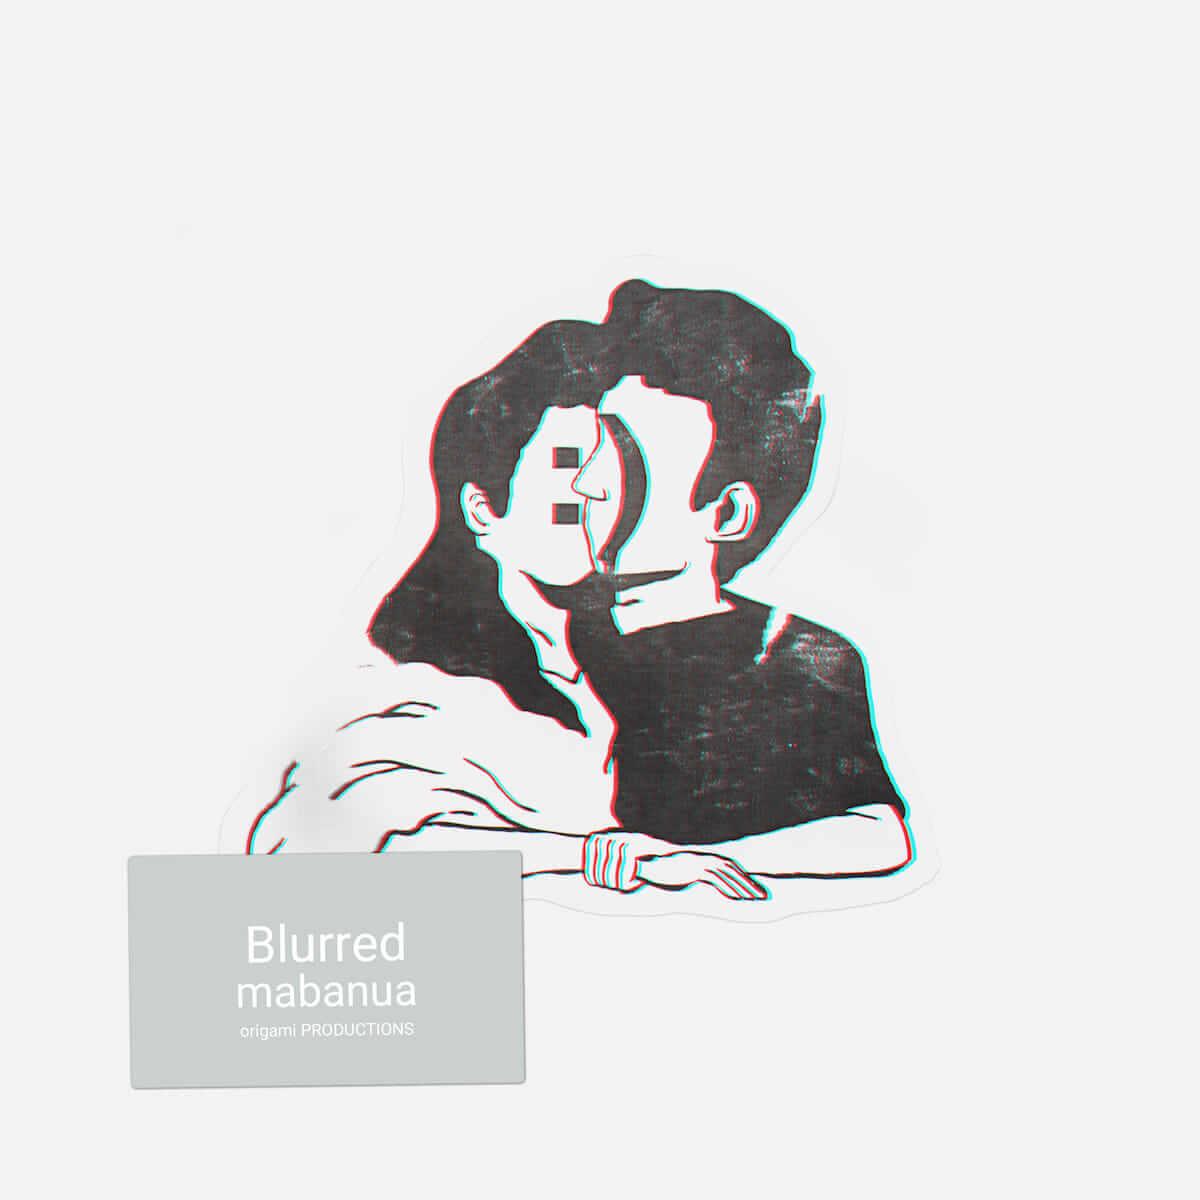 mabanuaの最新作『Blurred』より作詞を後藤正文が担当した楽曲MVが公開|監督は廣賢一郎 music180703_mabanua_1-1200x1200